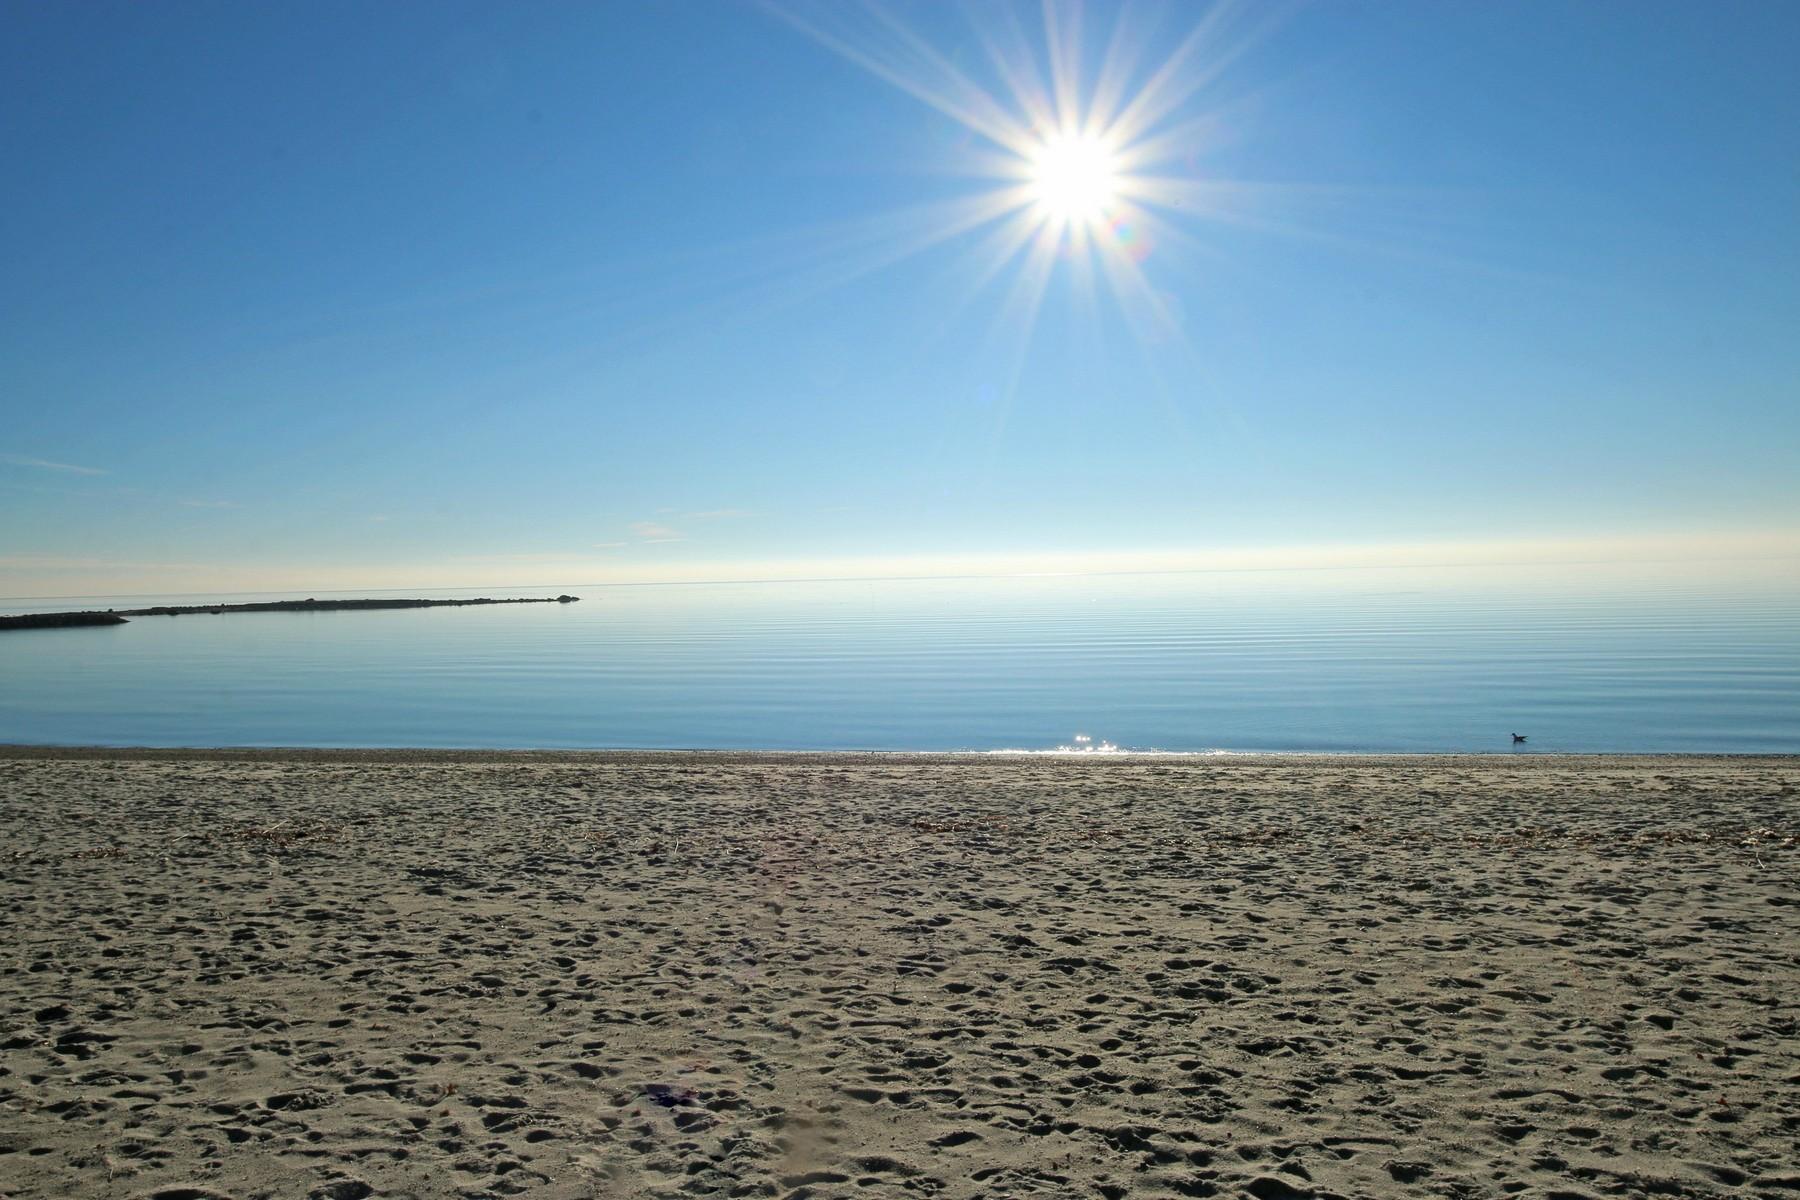 独户住宅 为 出租 在 Charming Updated Home with Panoramic Views 19 Soundview Drive 韦斯特波特, 06880 美国